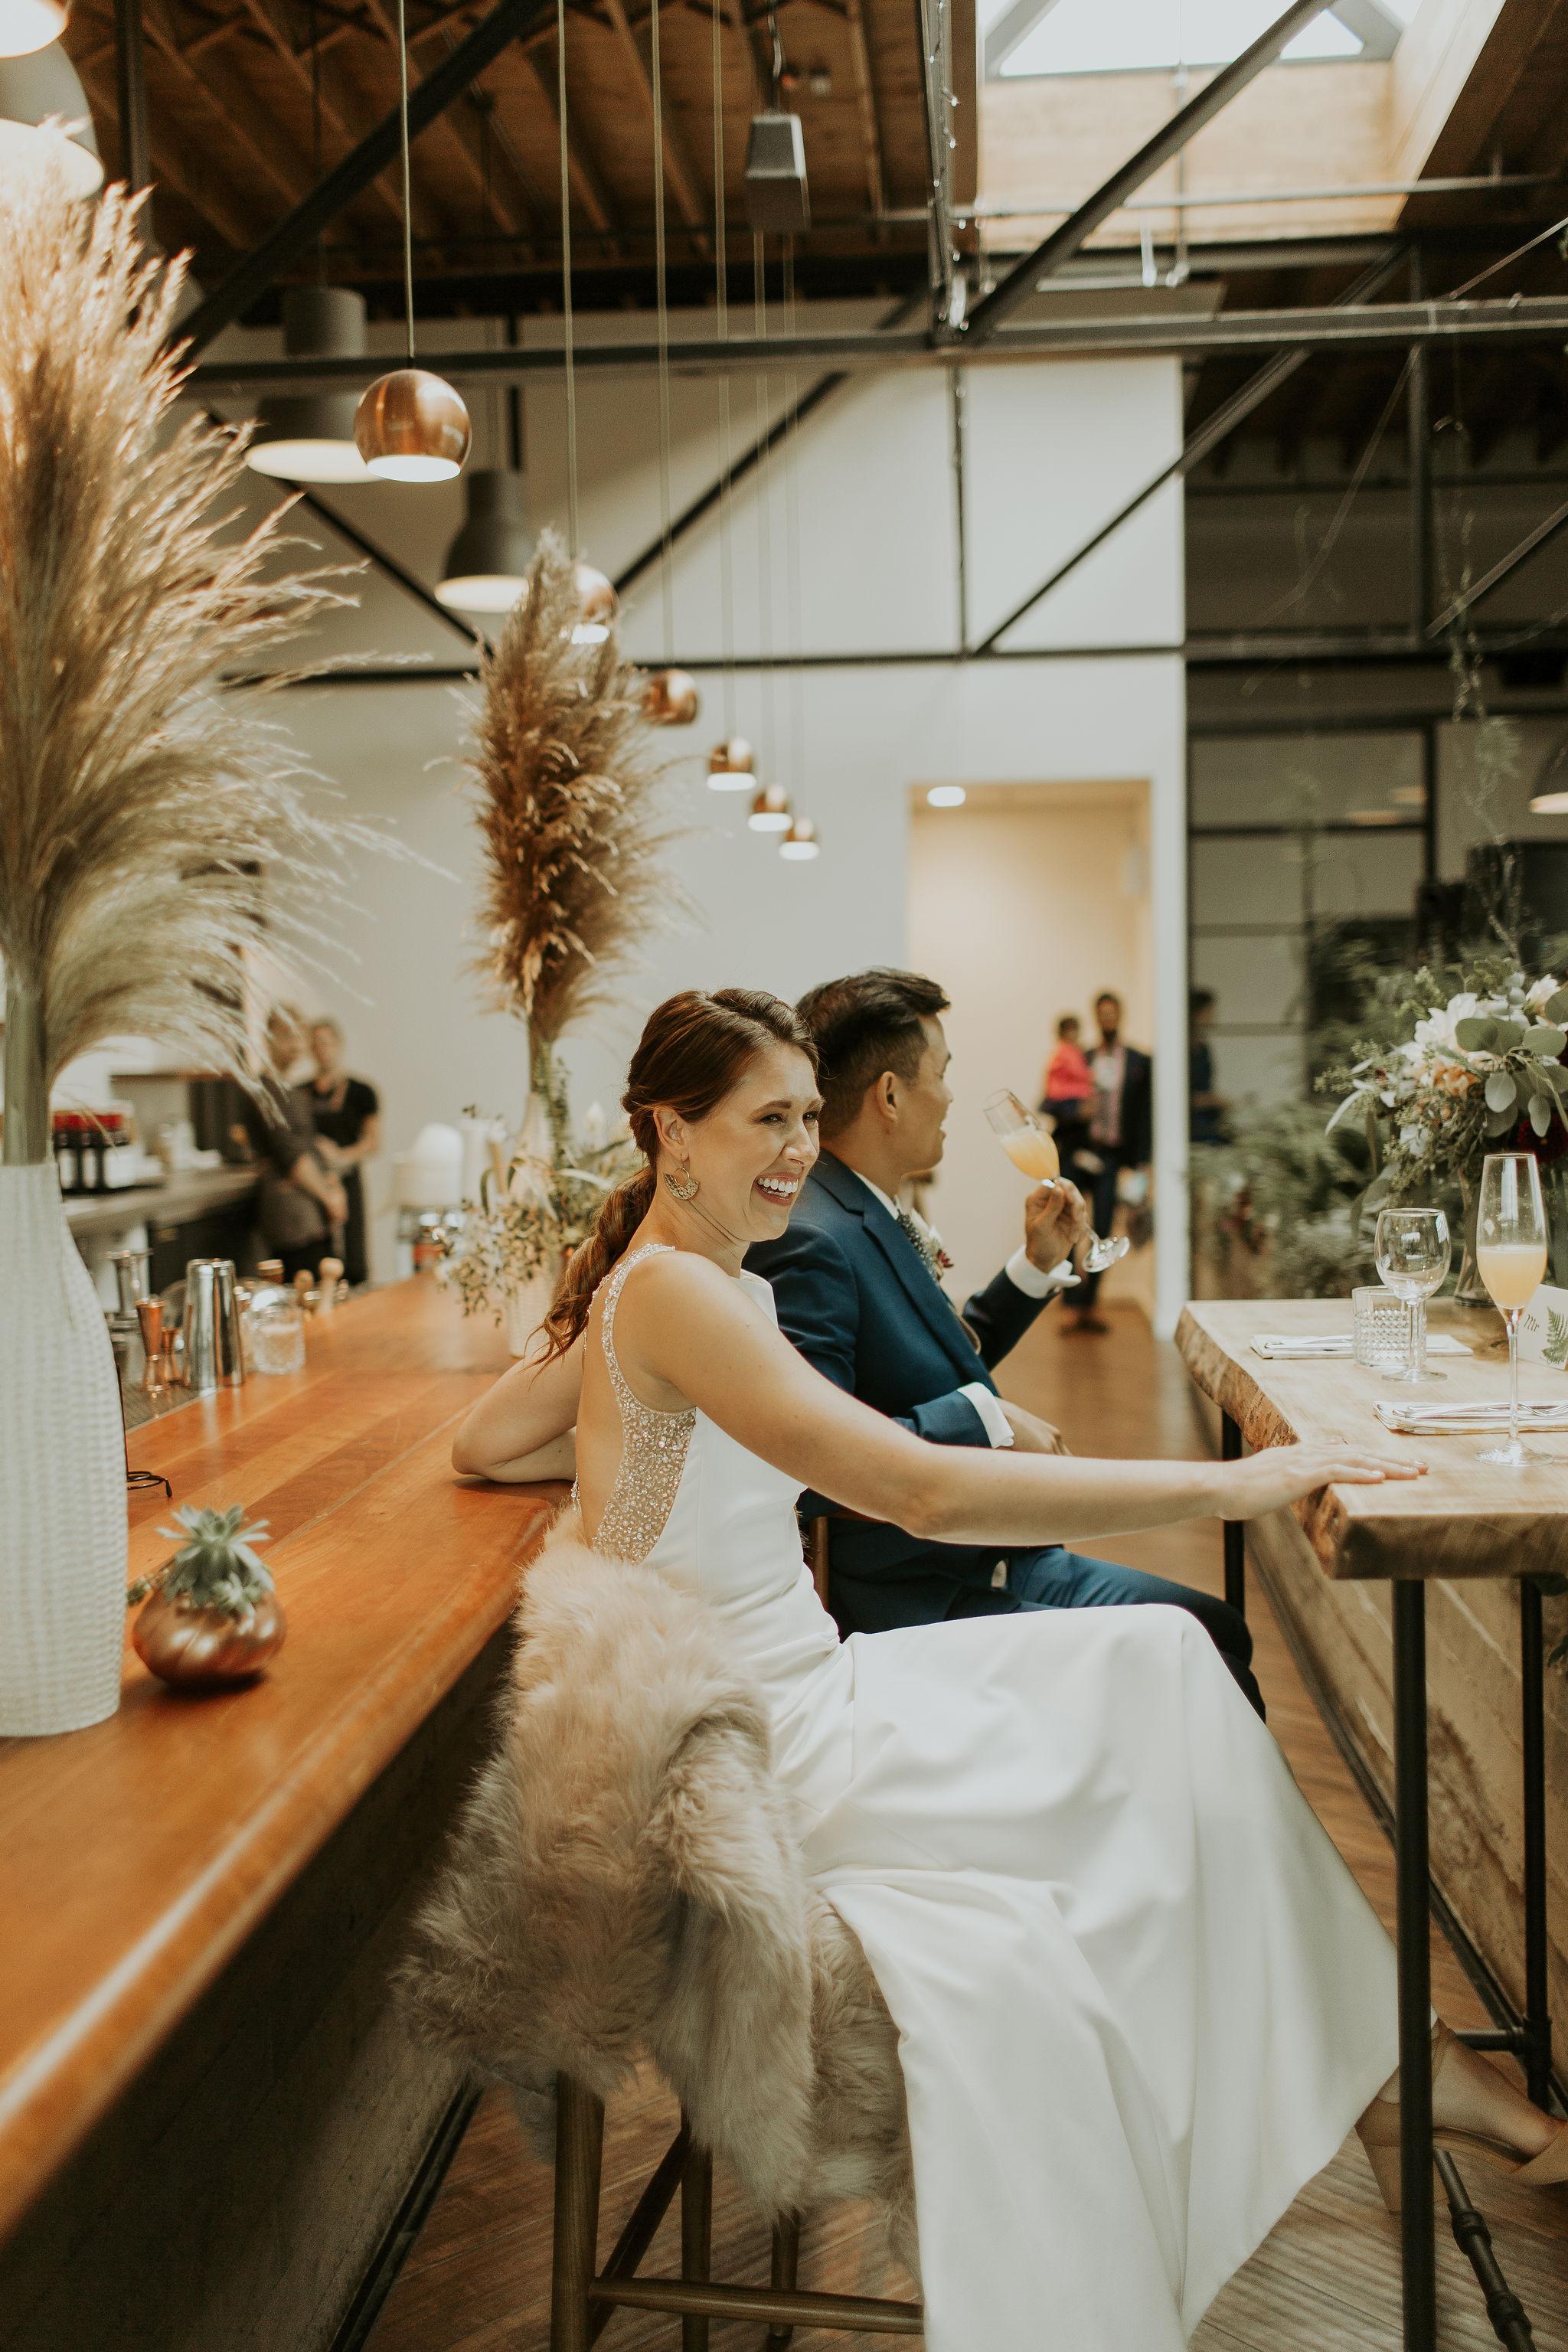 AK_Wedding_Reception-27.jpg